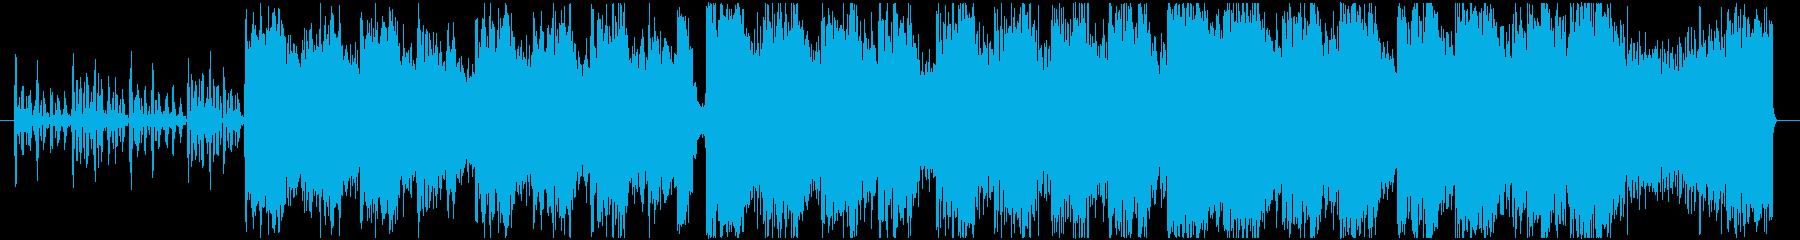 ダークで重厚感ある合唱付きオーケストラの再生済みの波形